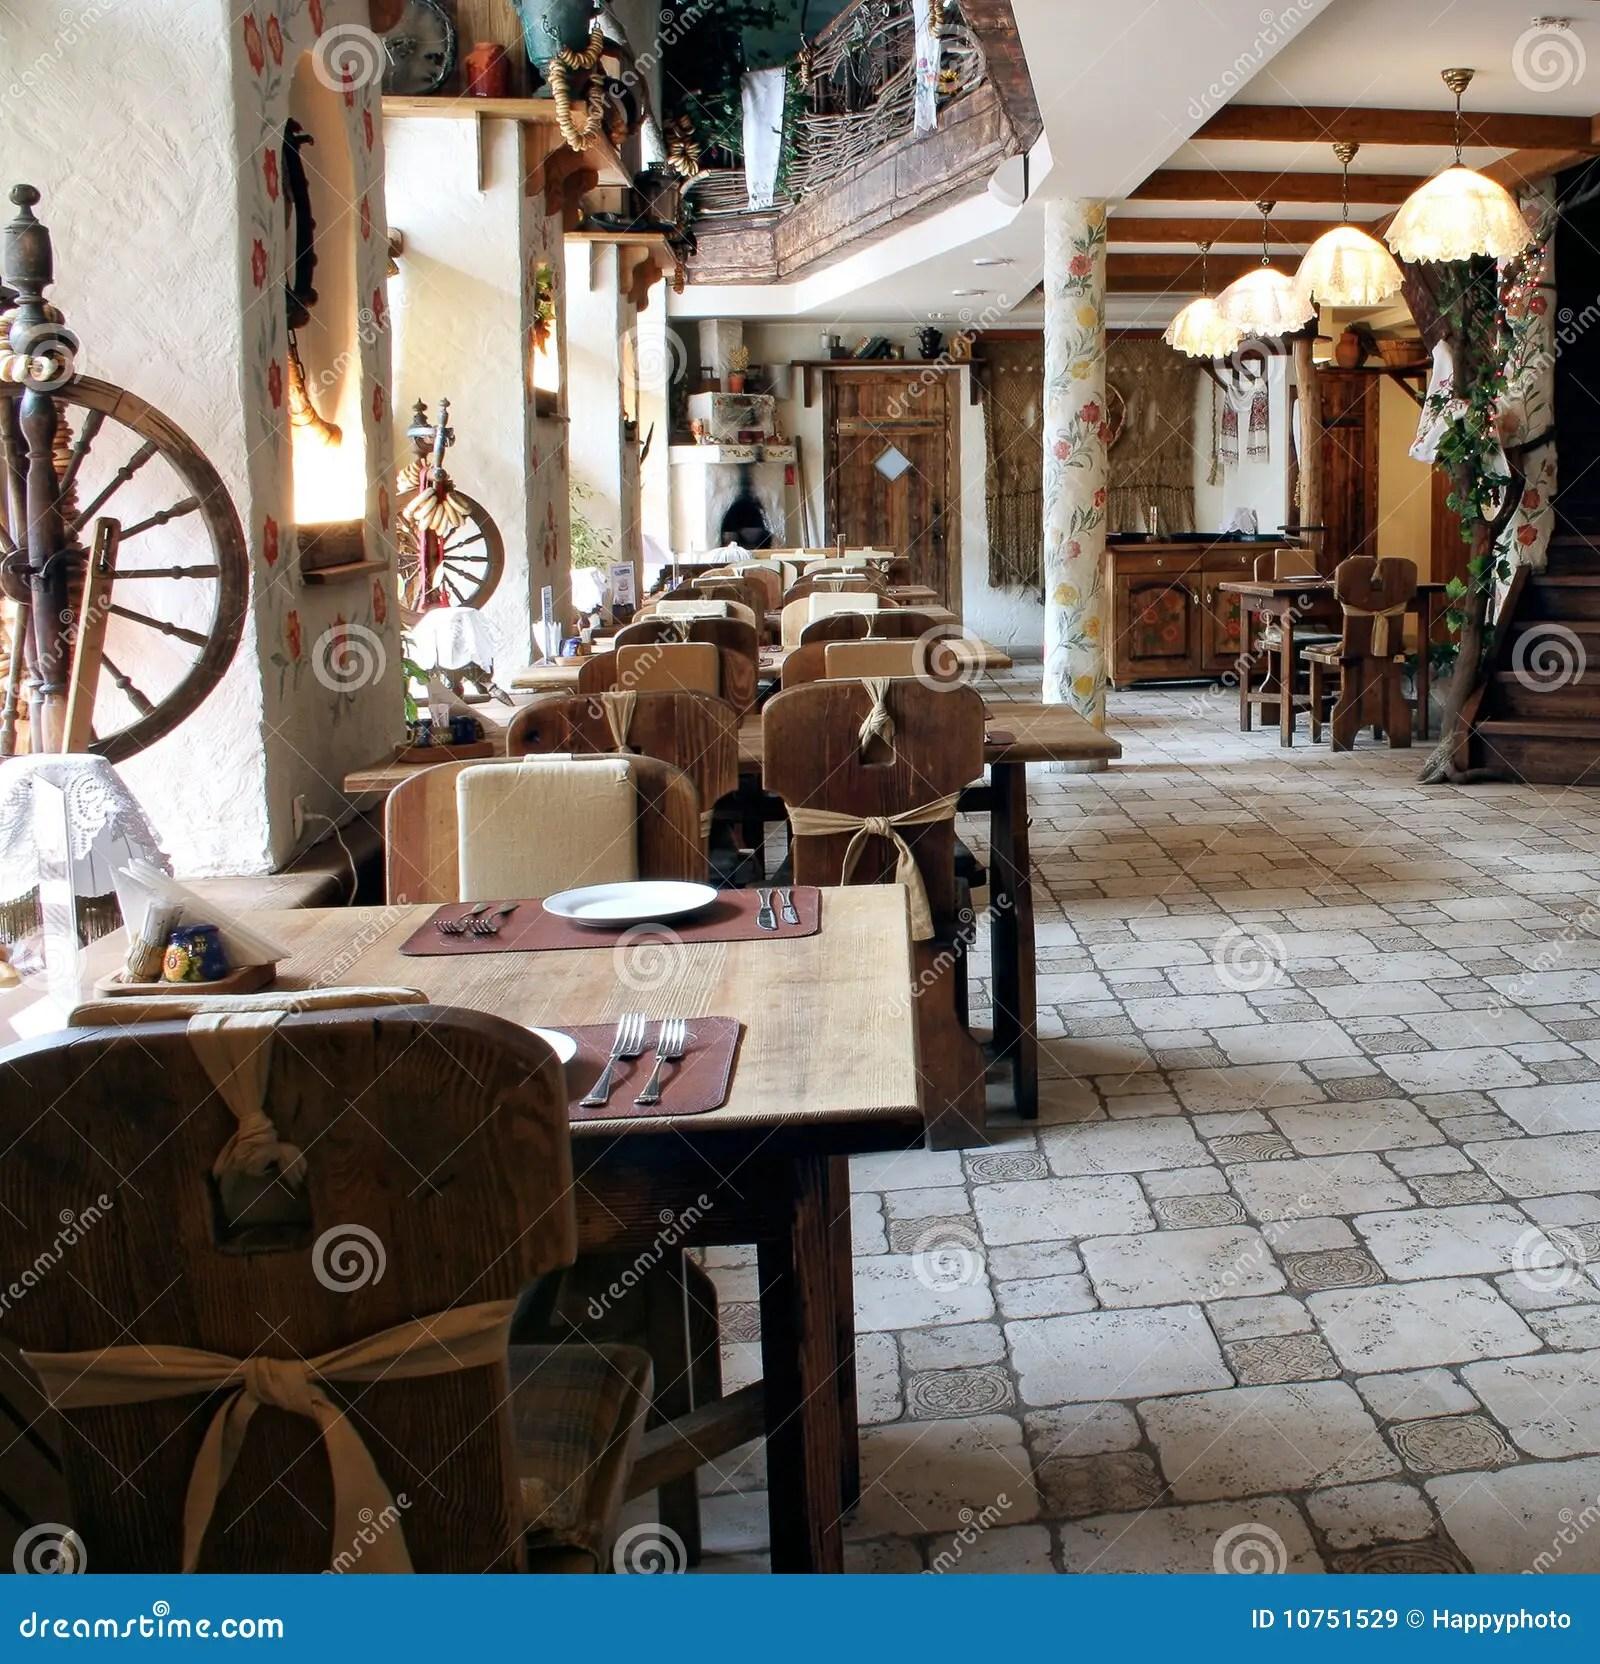 table de cuisine vintage